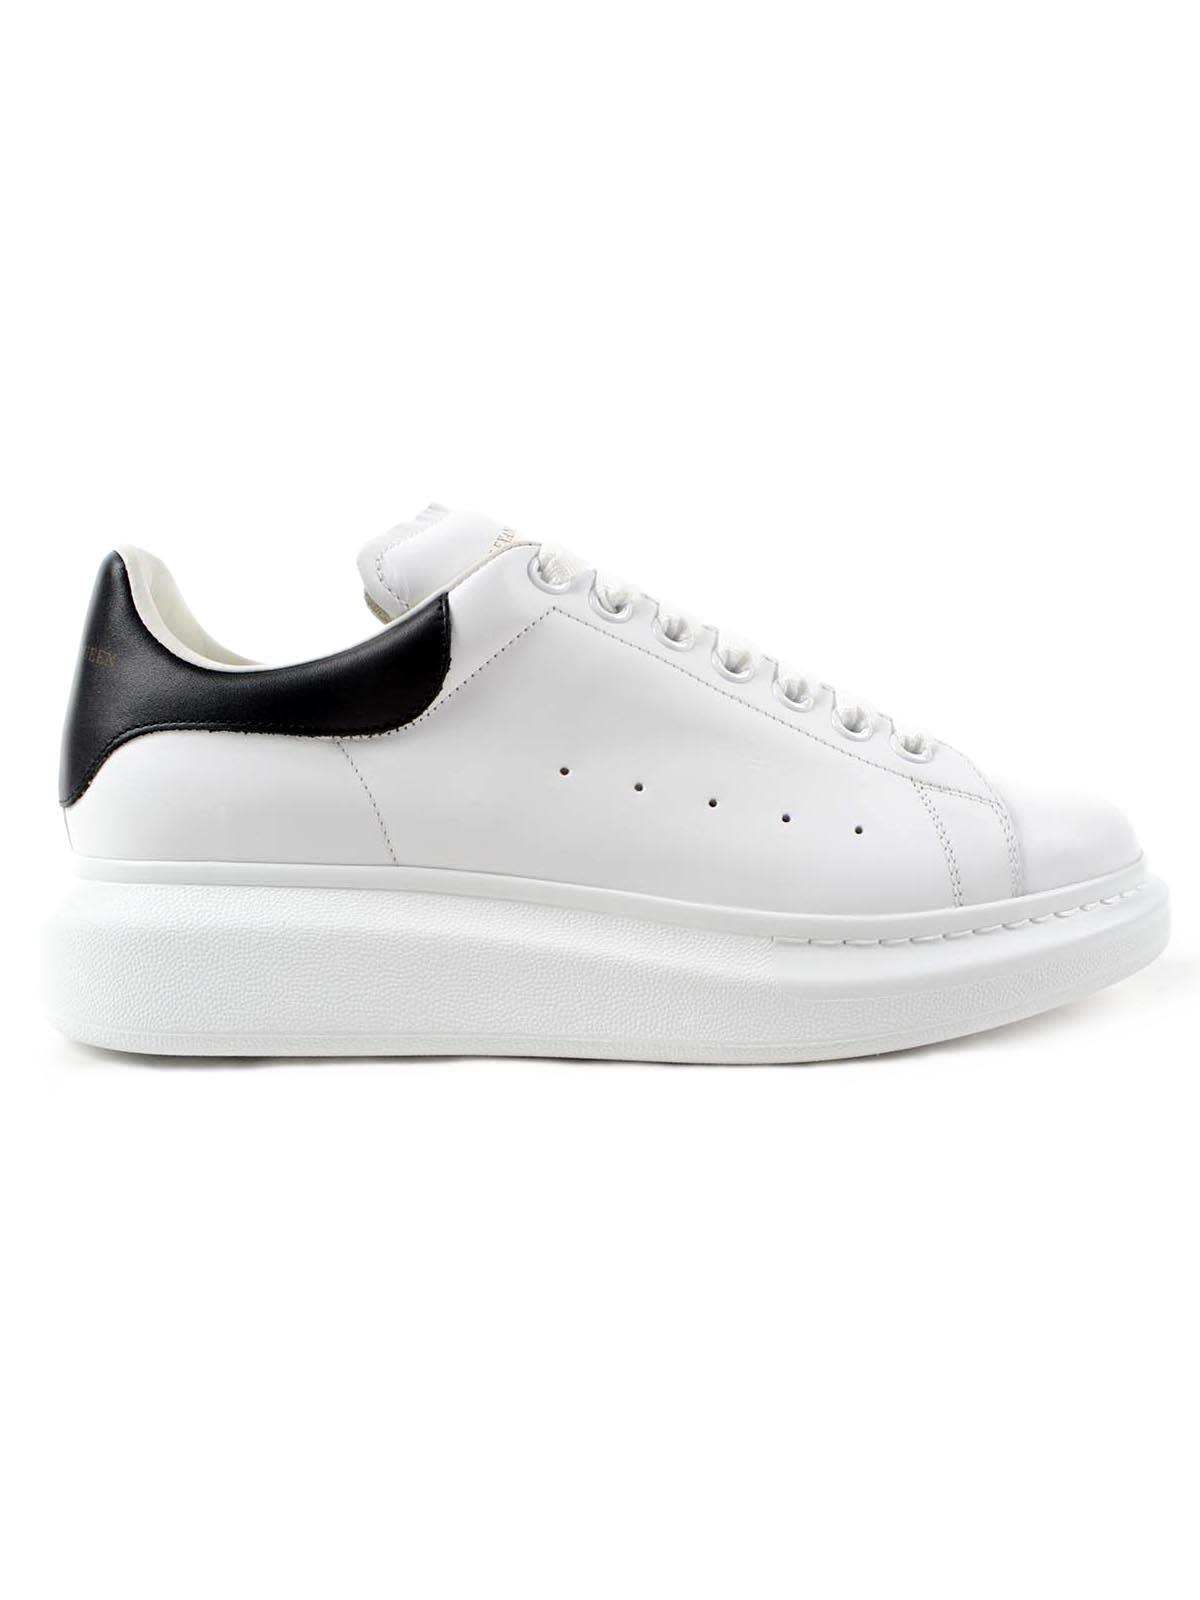 Alexander McQueen - Alexander McQueen Oversized Sneakers ...